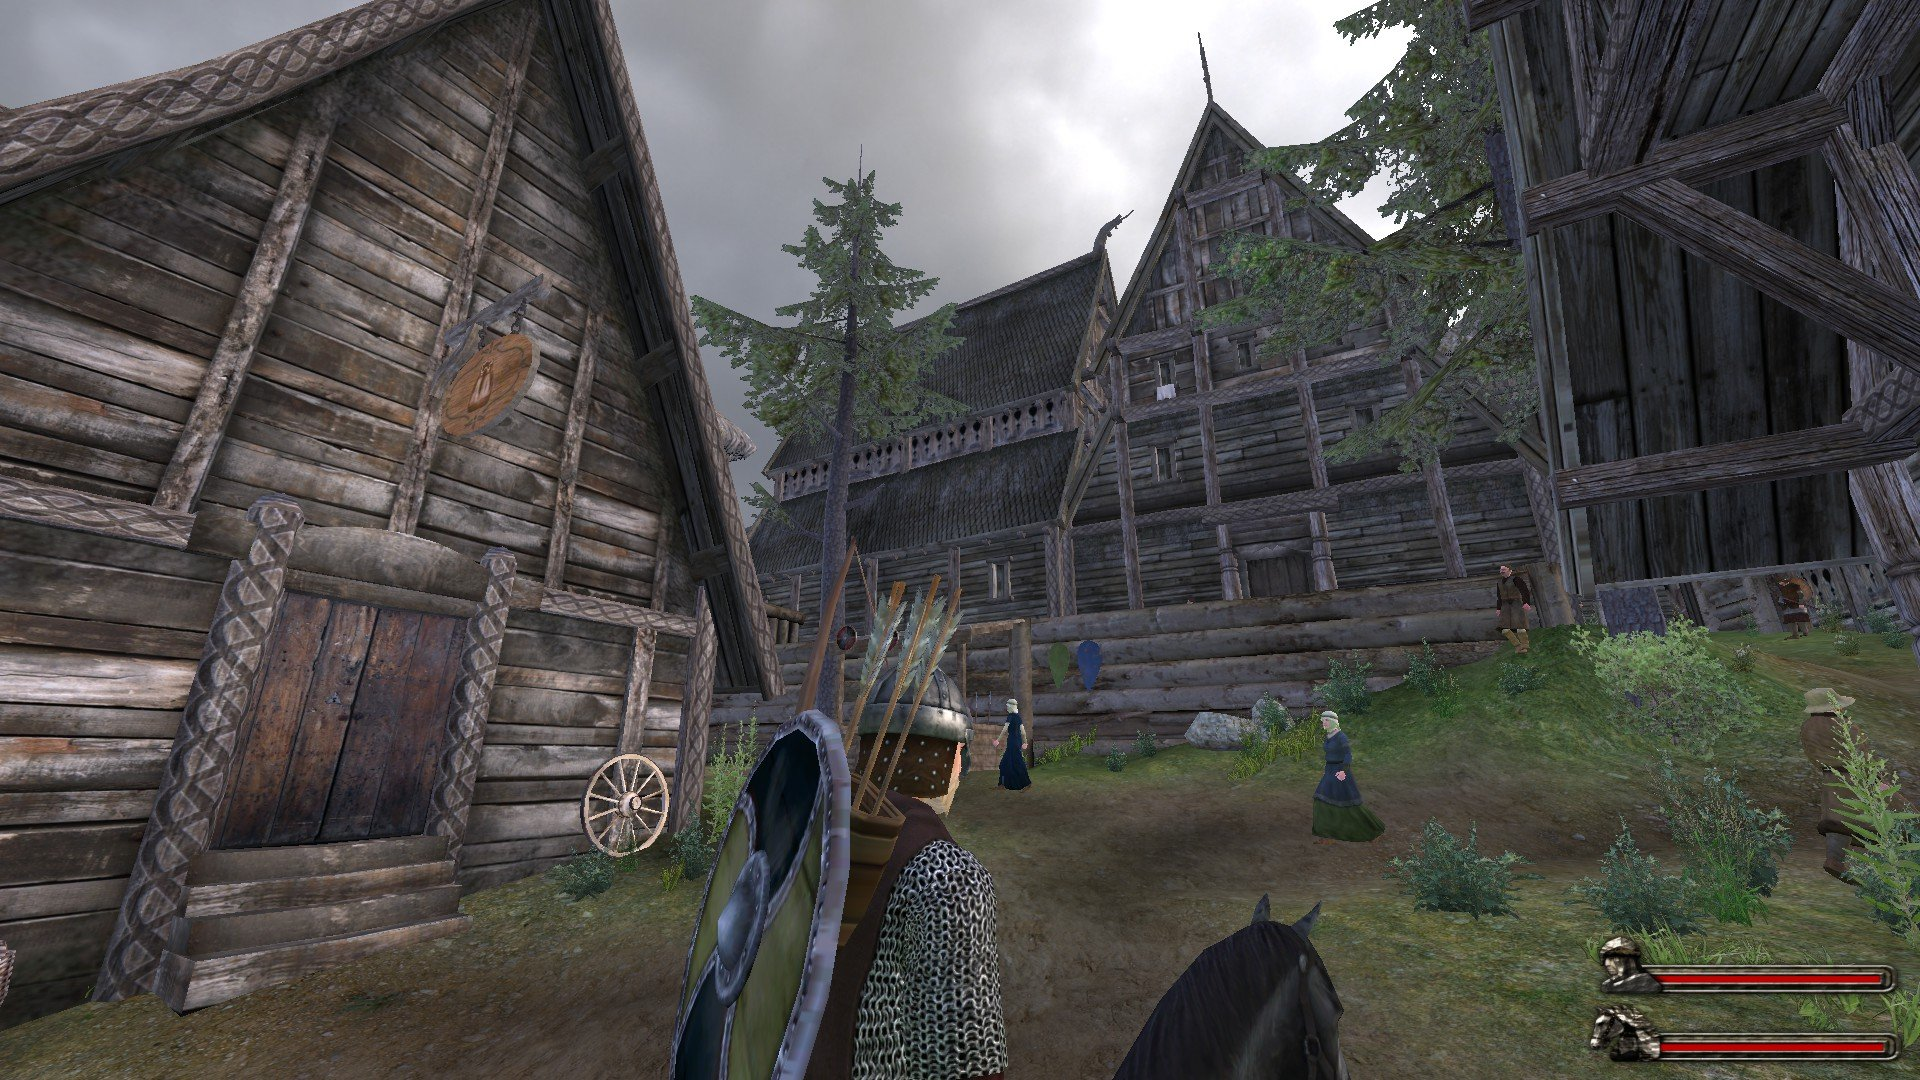 Démarrage du village - Page 2 8dd592a6-3ac2-4282-bd12-0811059360e2